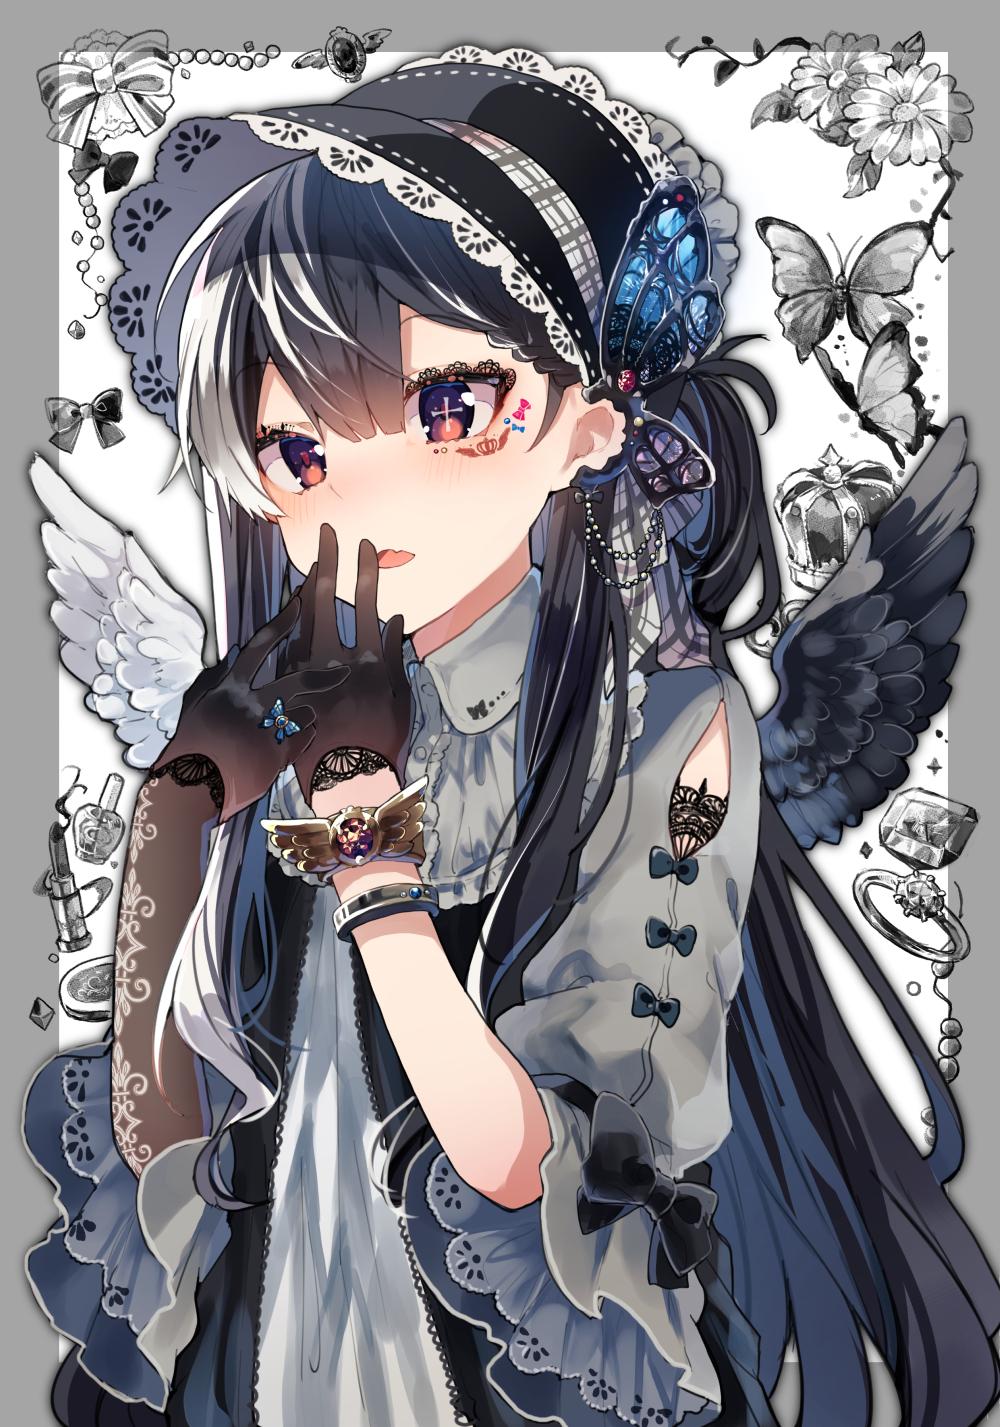 【P站画师】日本画师たぬま的插画作品- ACG17.COM